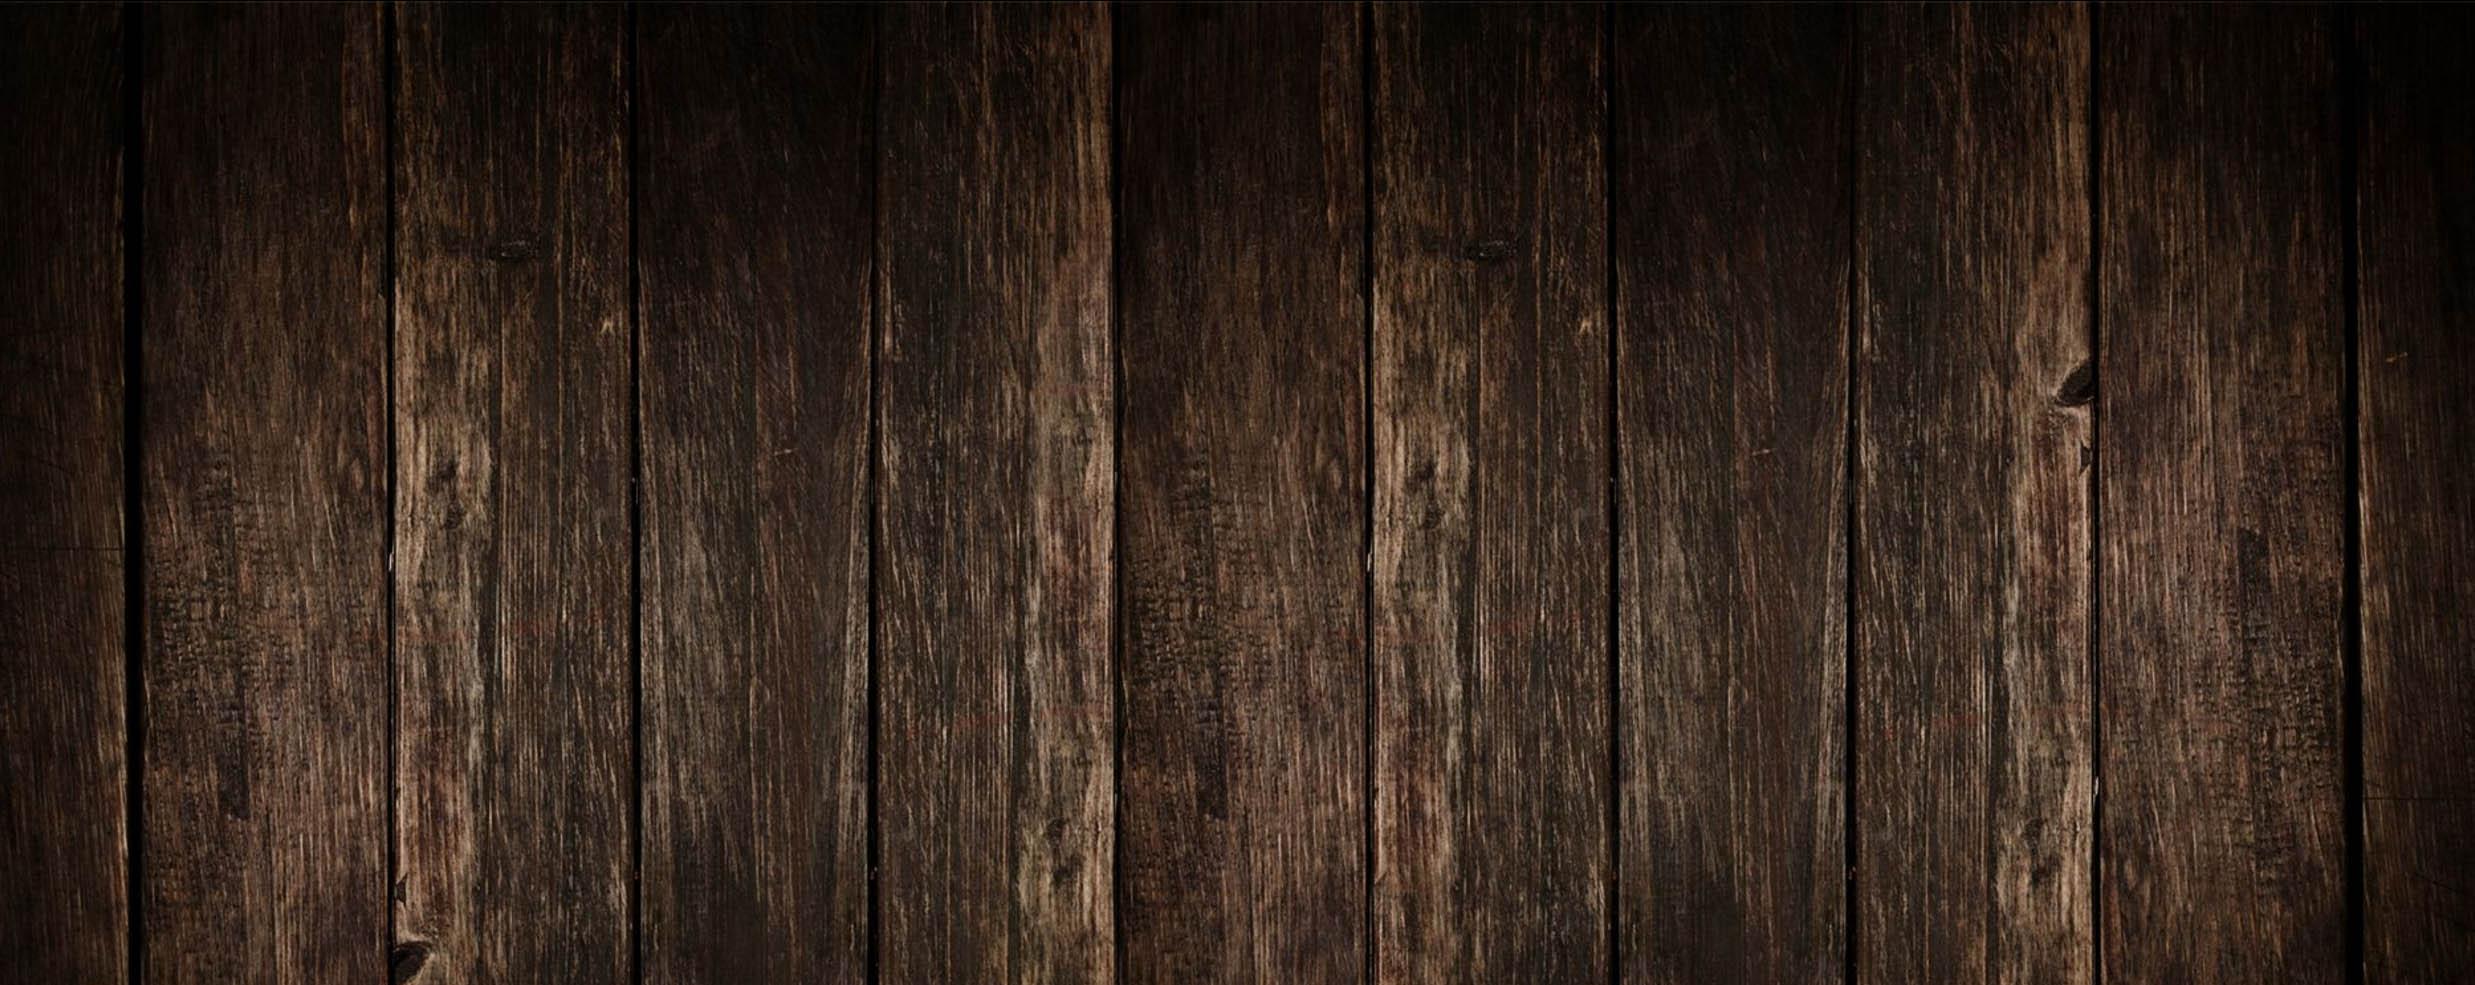 Wood-Screen-Shot